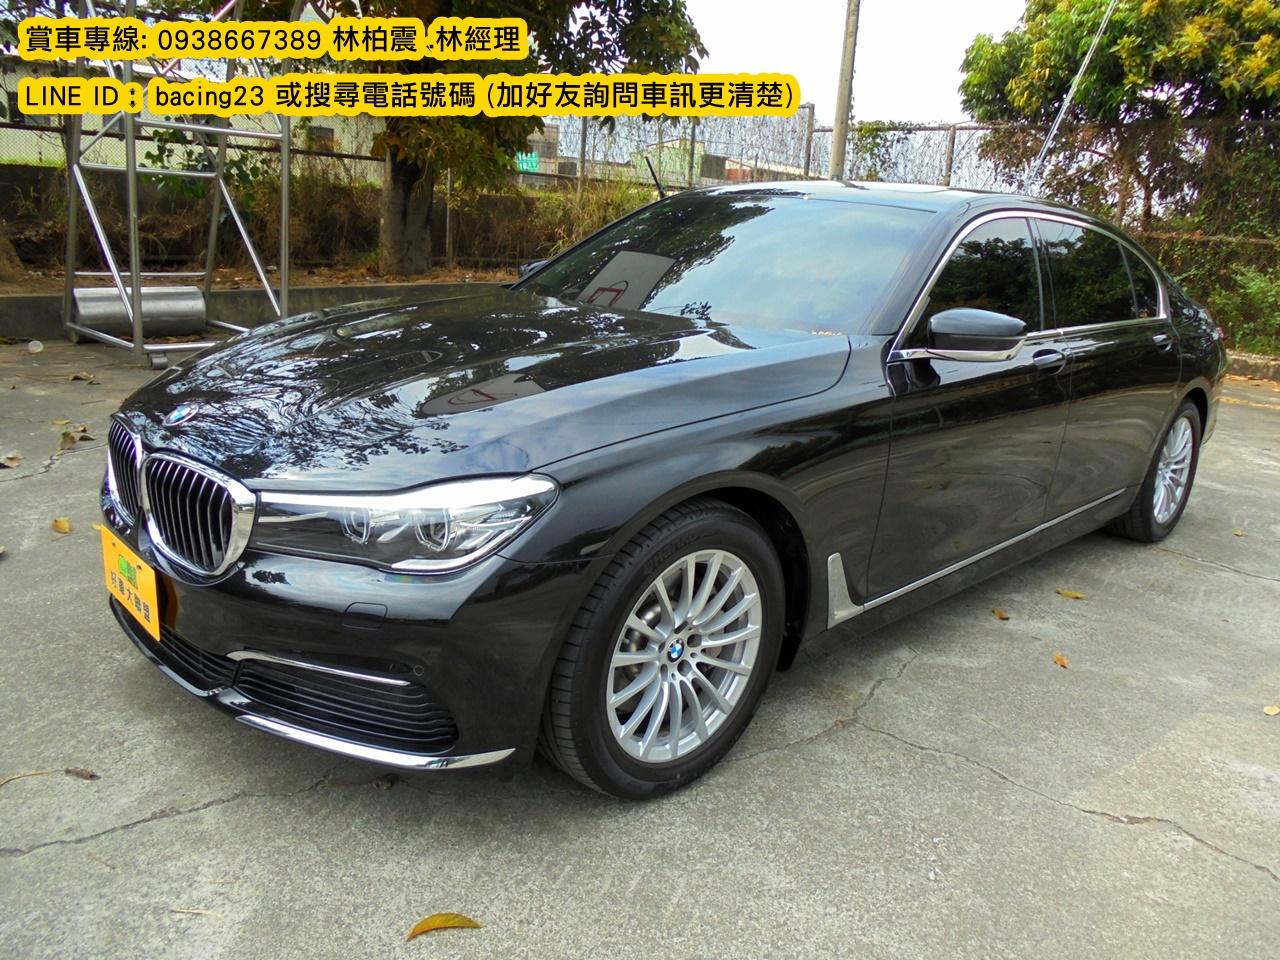 2015 BMW 寶馬 7-series